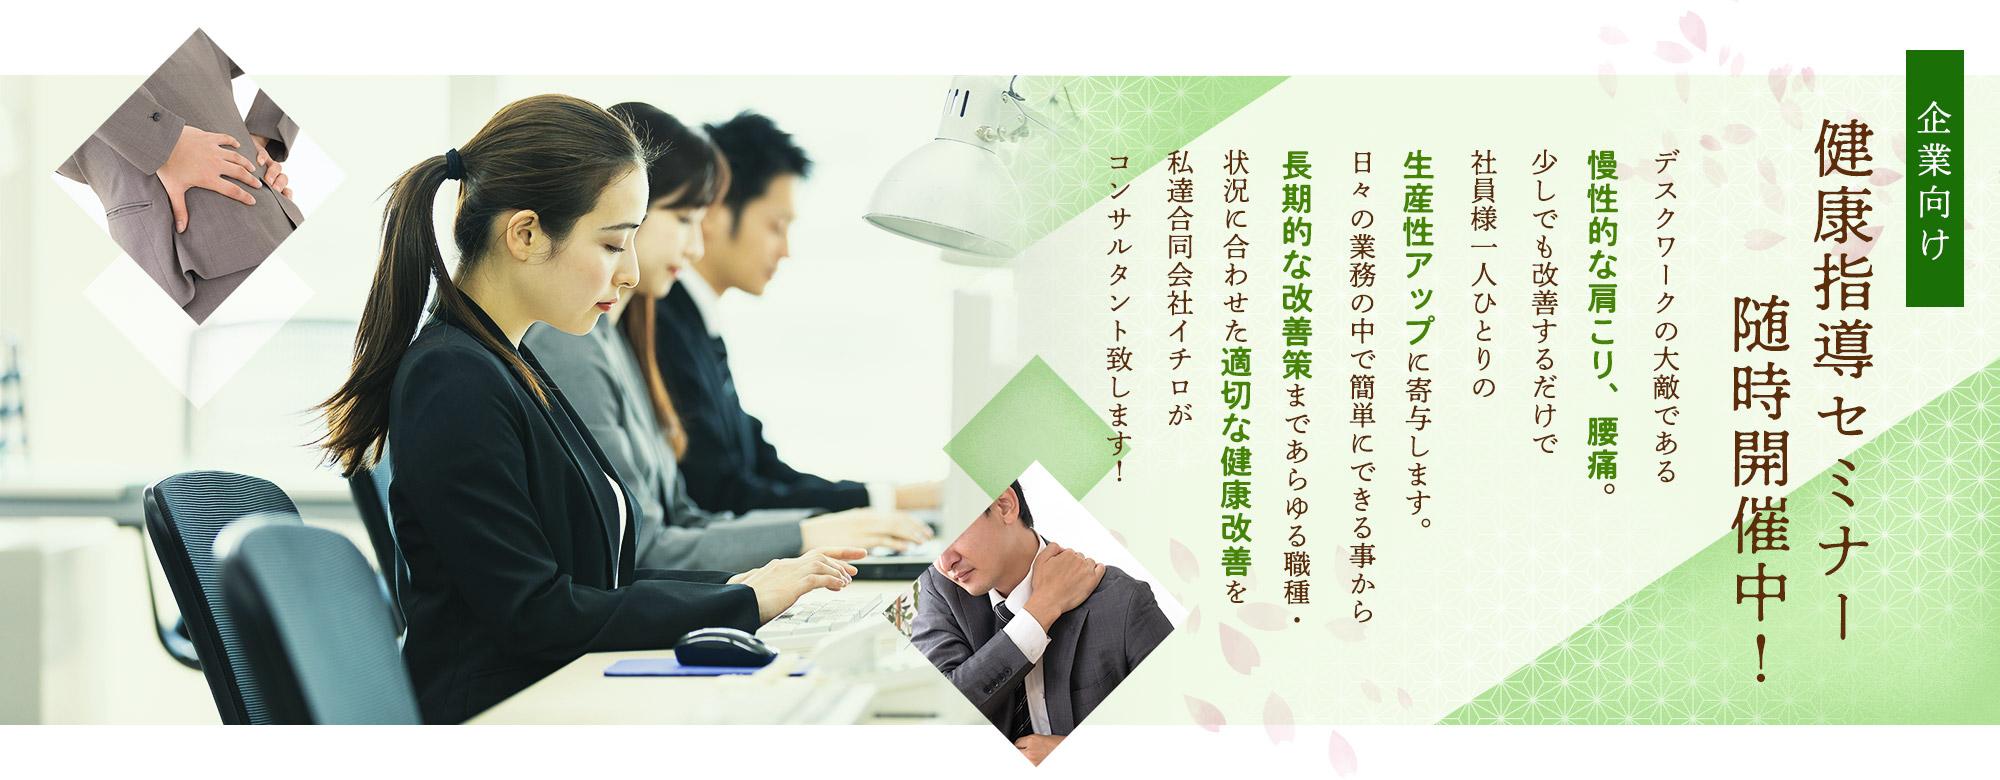 企業向け健康指導セミナー随時開催中